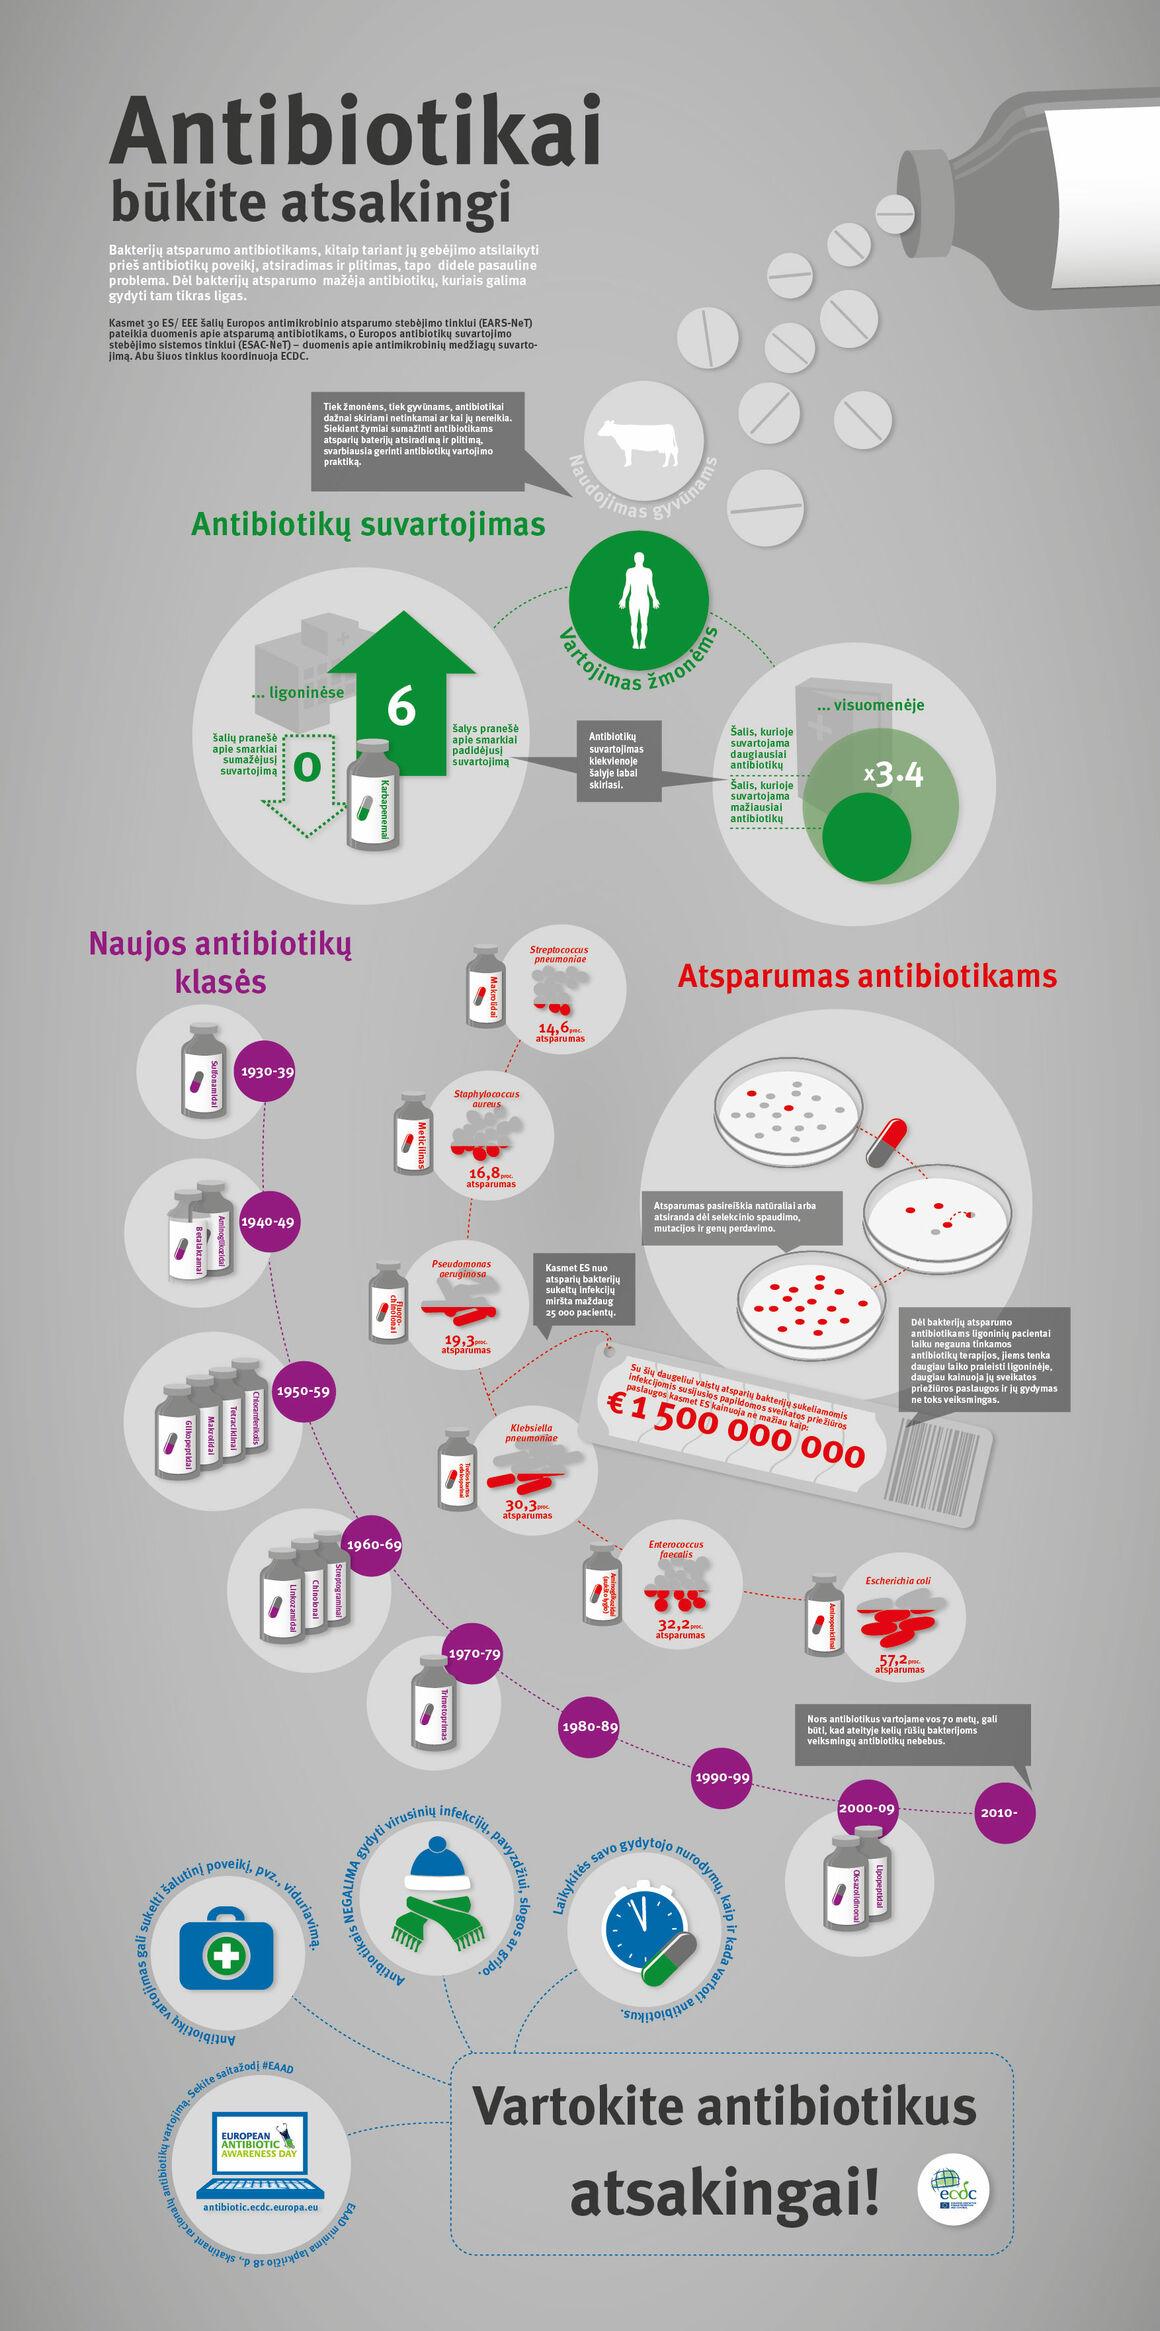 Antibiotikai būkite atsakingi